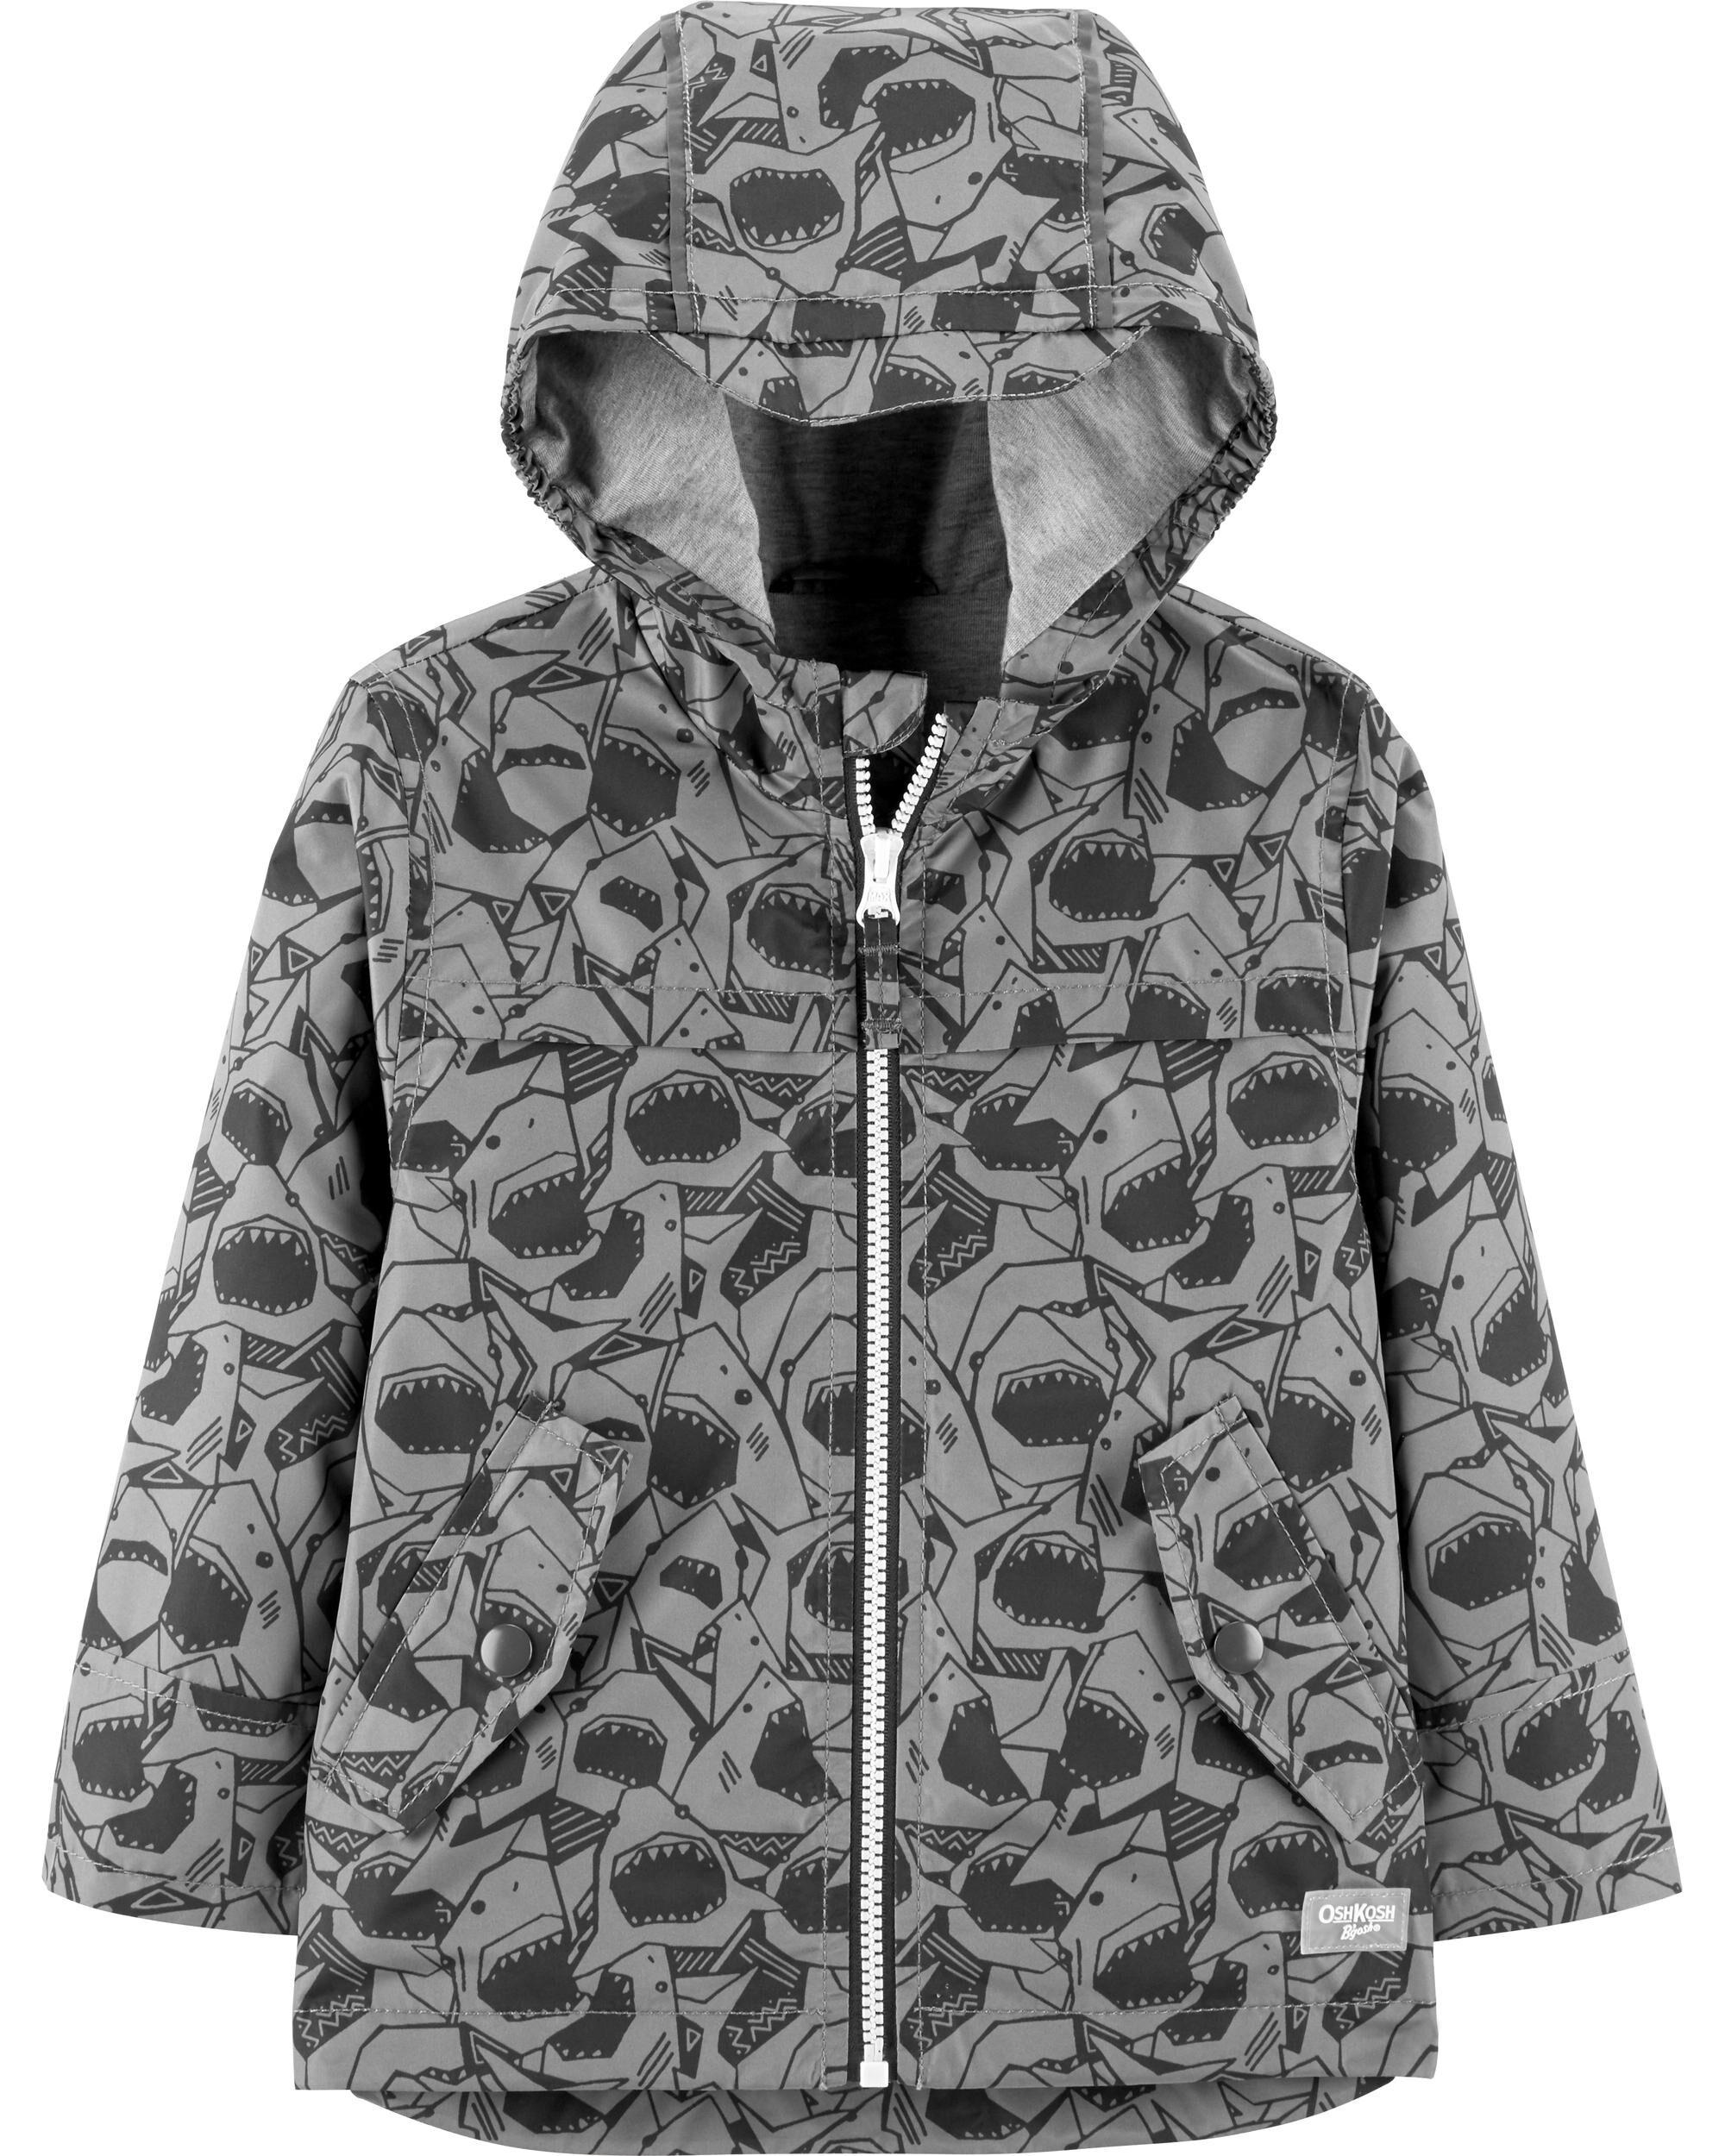 Shark Rain Jacket Toddler Boy Coats \u0026 Jackets | OshKosh Free Shipping